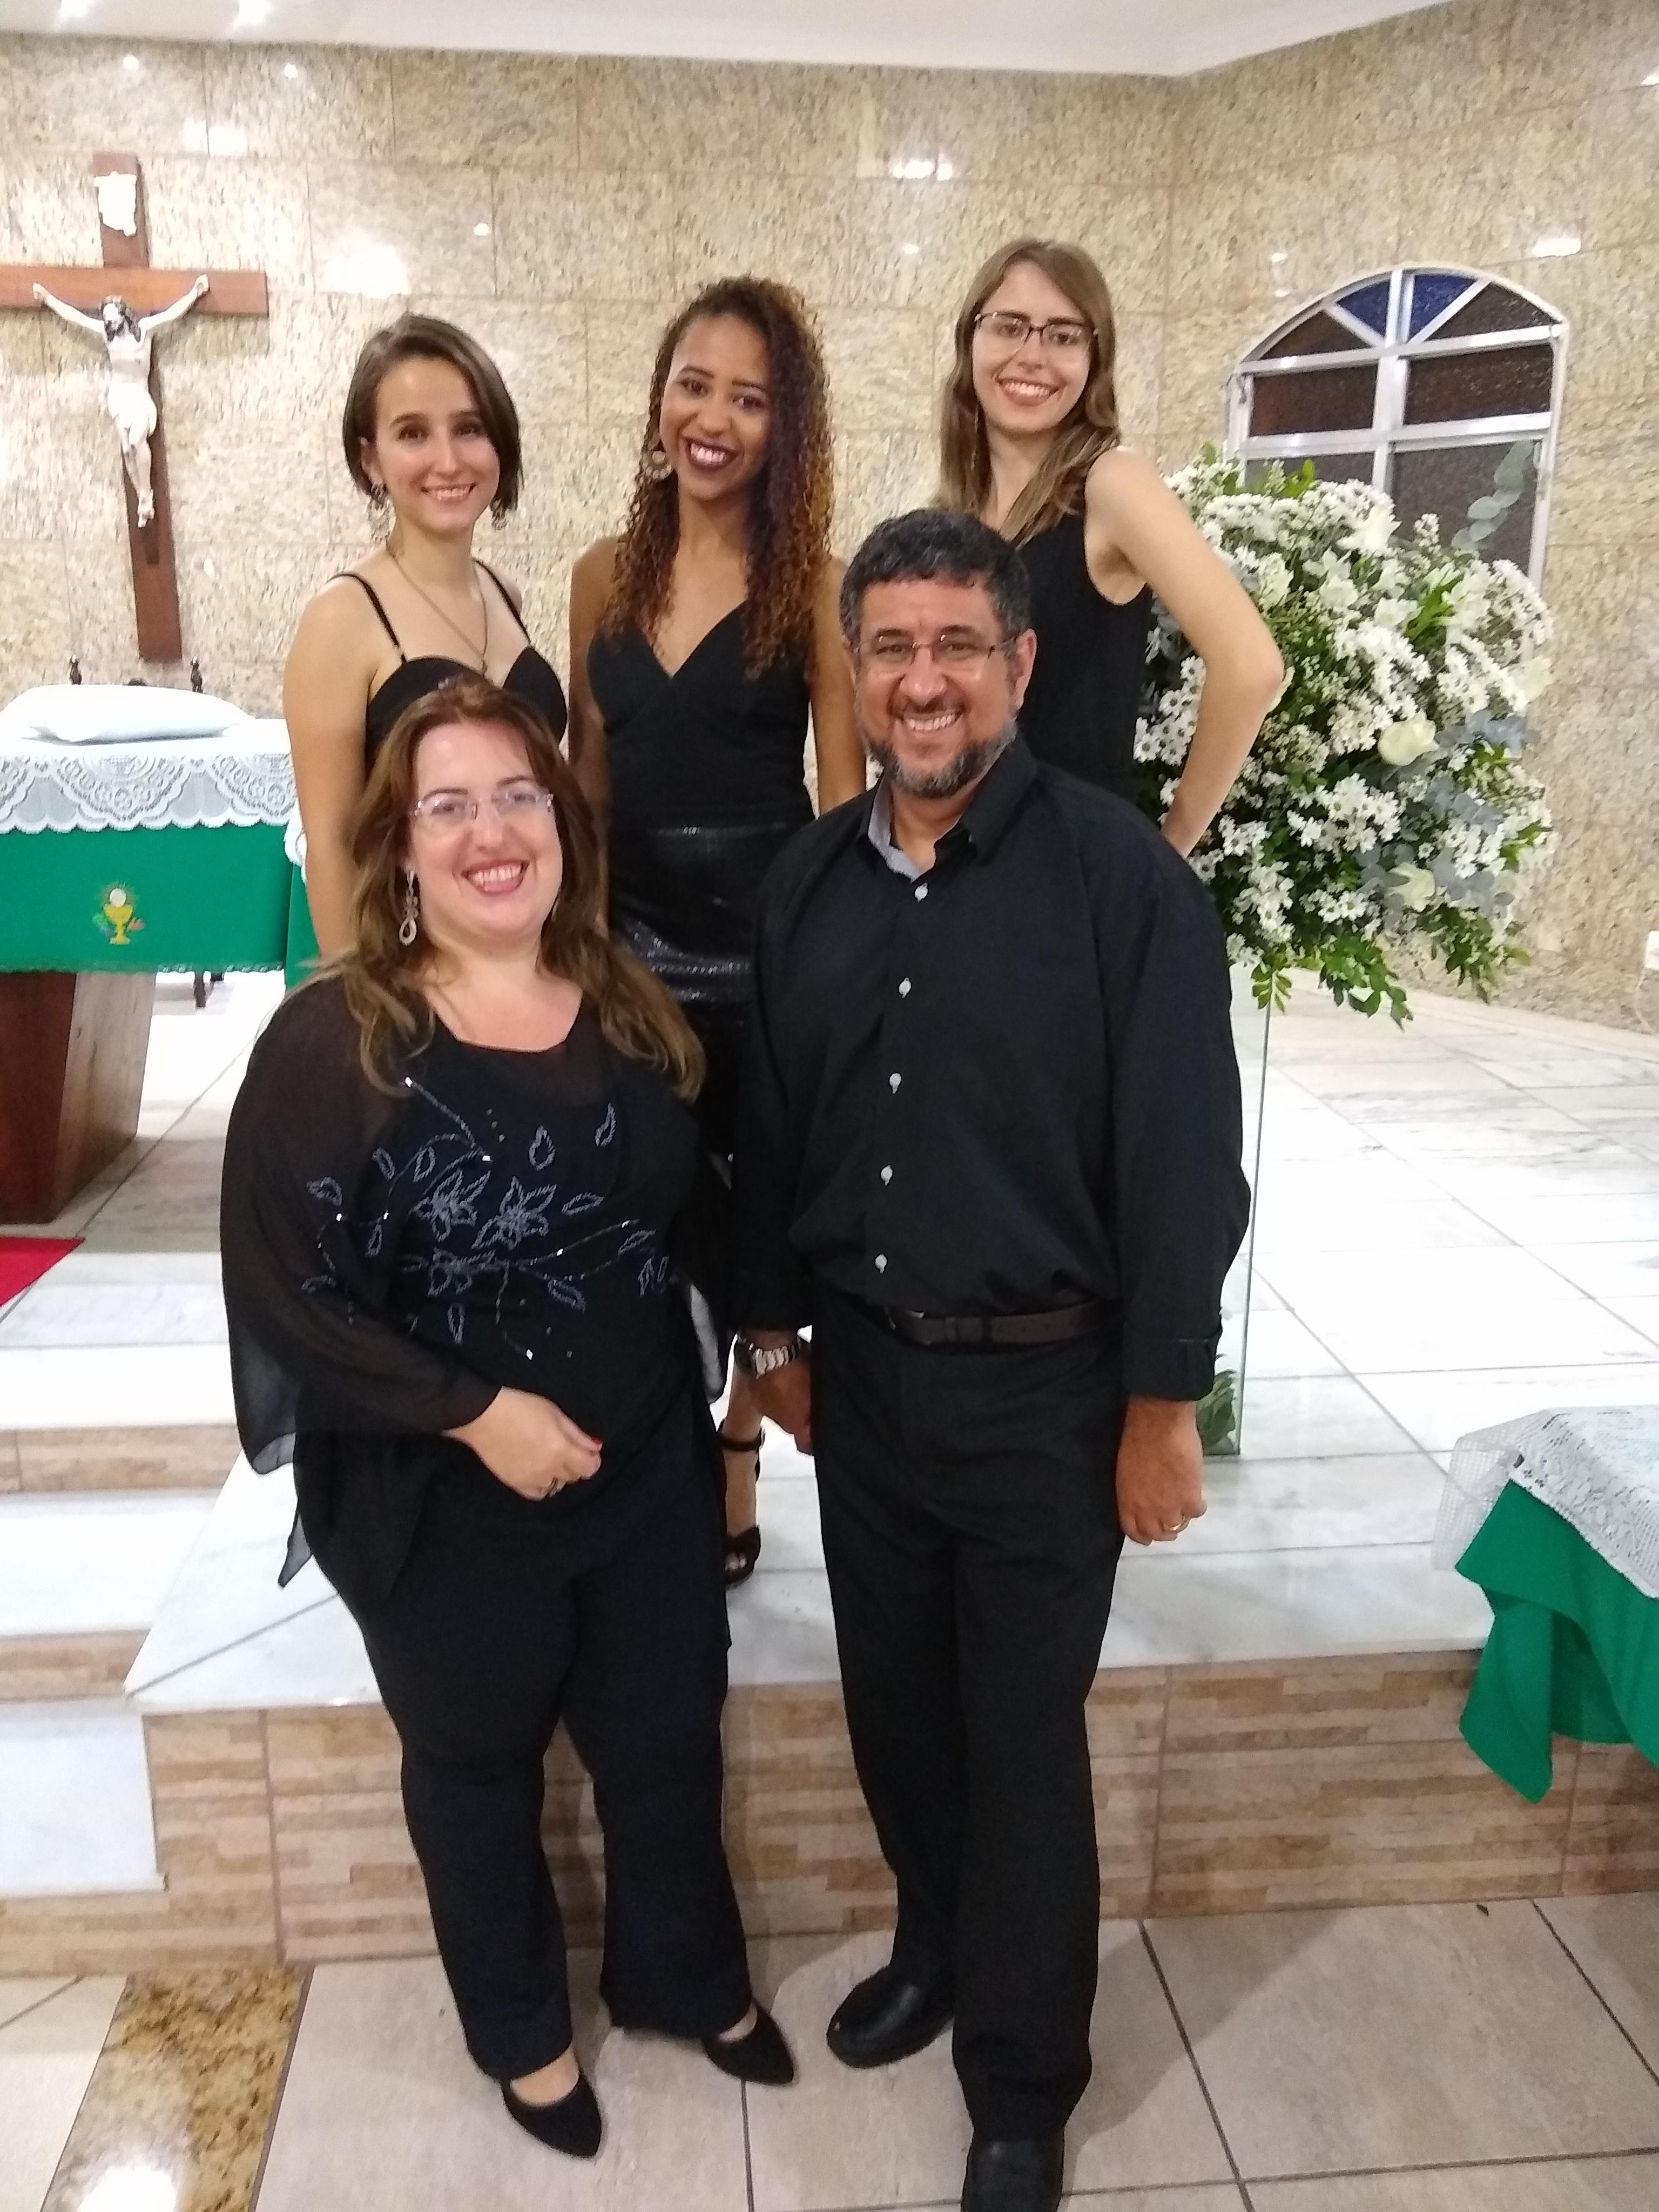 Luciane Borges Música de casamento Juiz de Fora Casamentos 10 melhores bandas de música para casamentos para Juiz de Fora